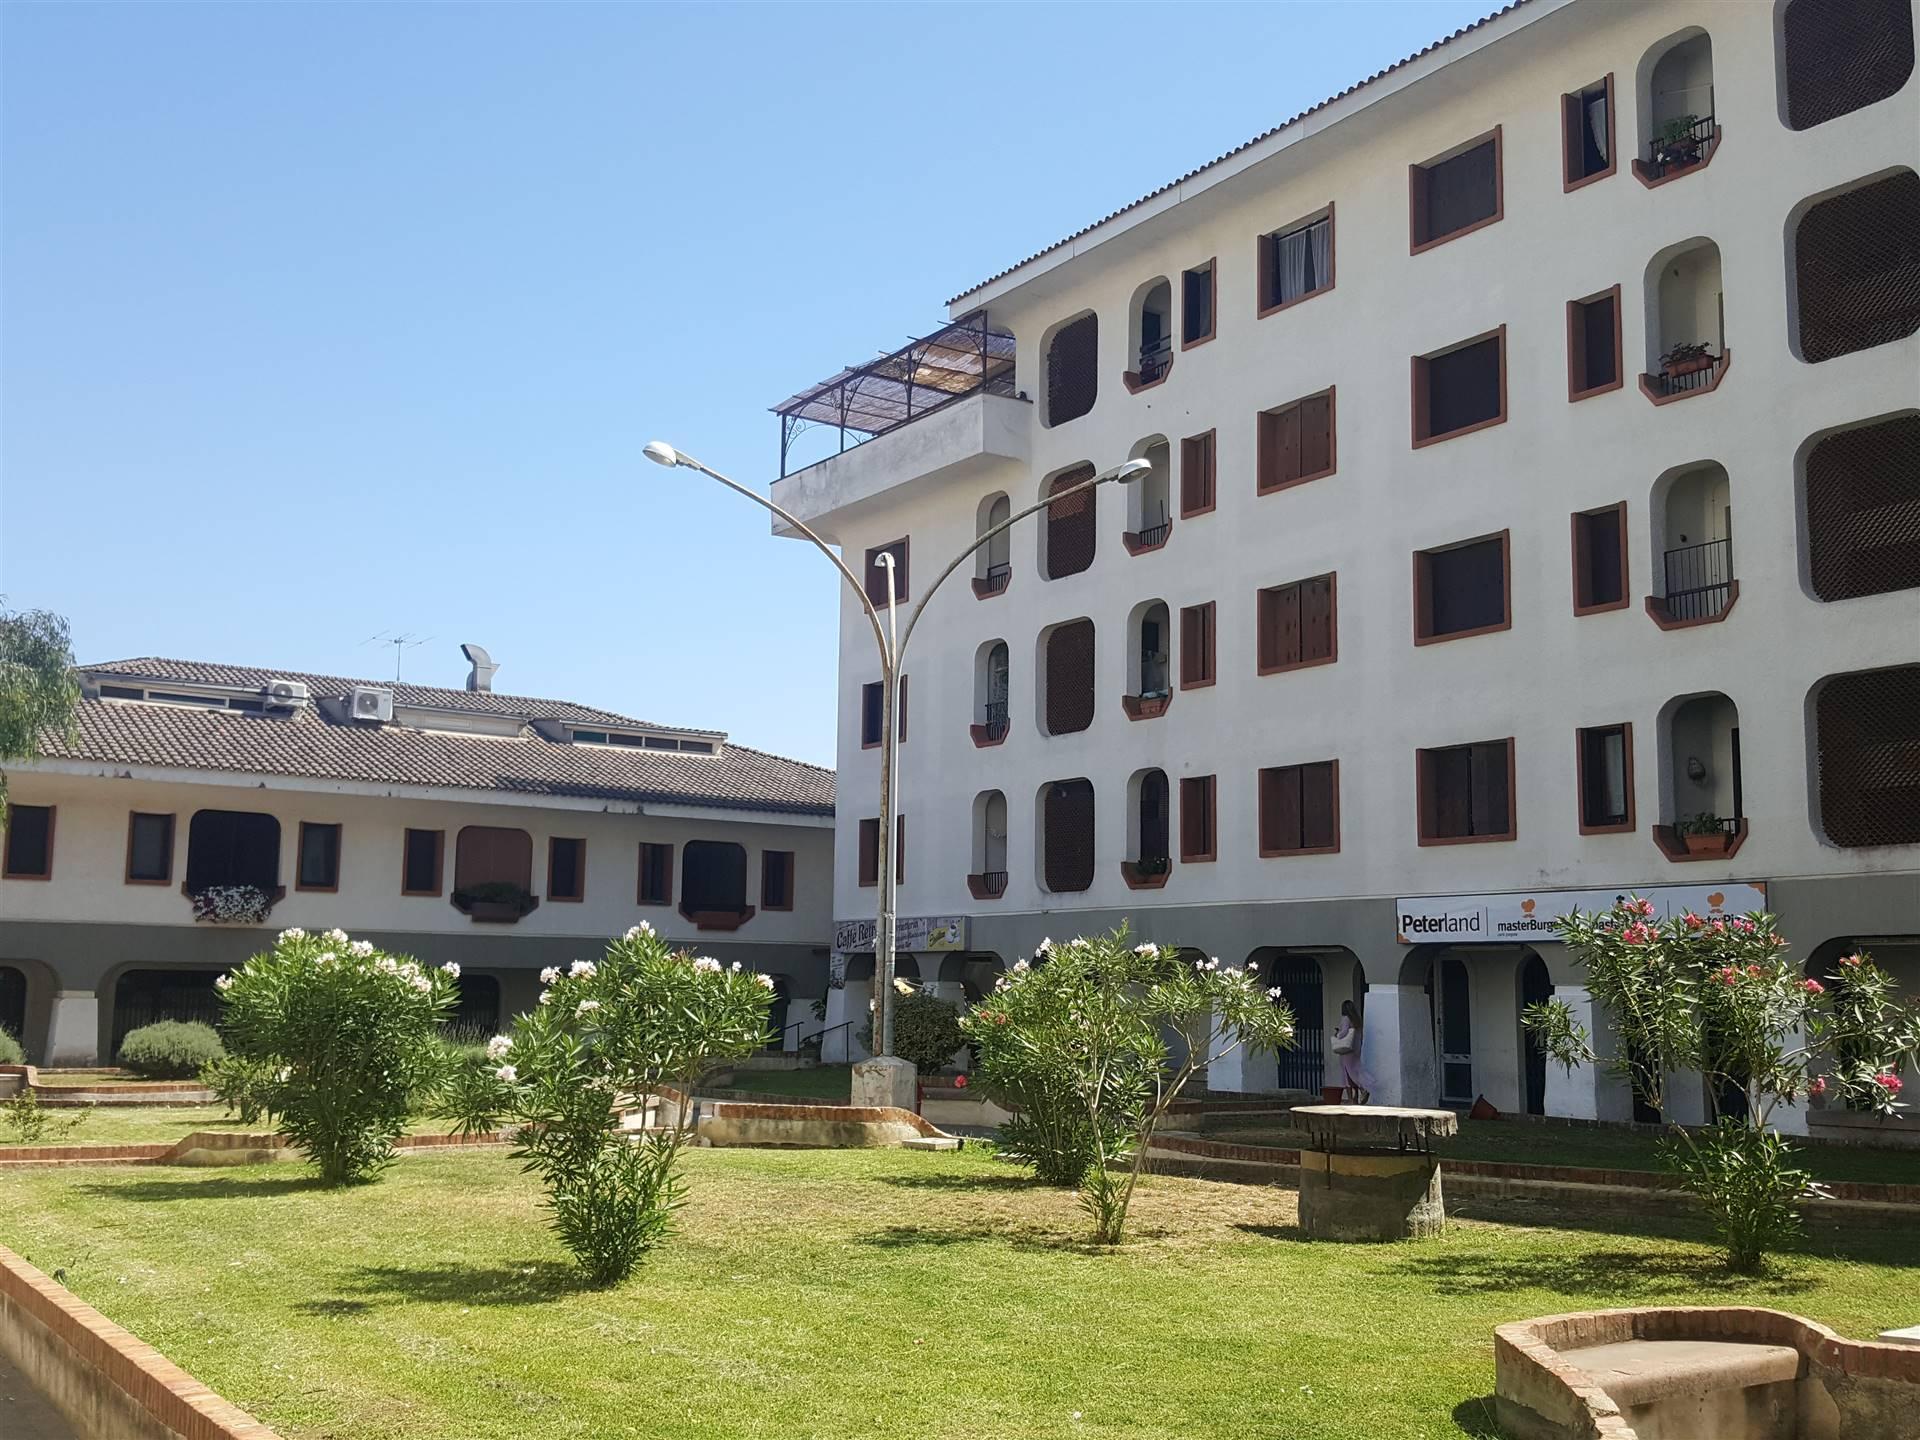 Appartamento in vendita a Sessa Aurunca, 3 locali, zona Zona: Baia Domizia, prezzo € 170.000 | CambioCasa.it